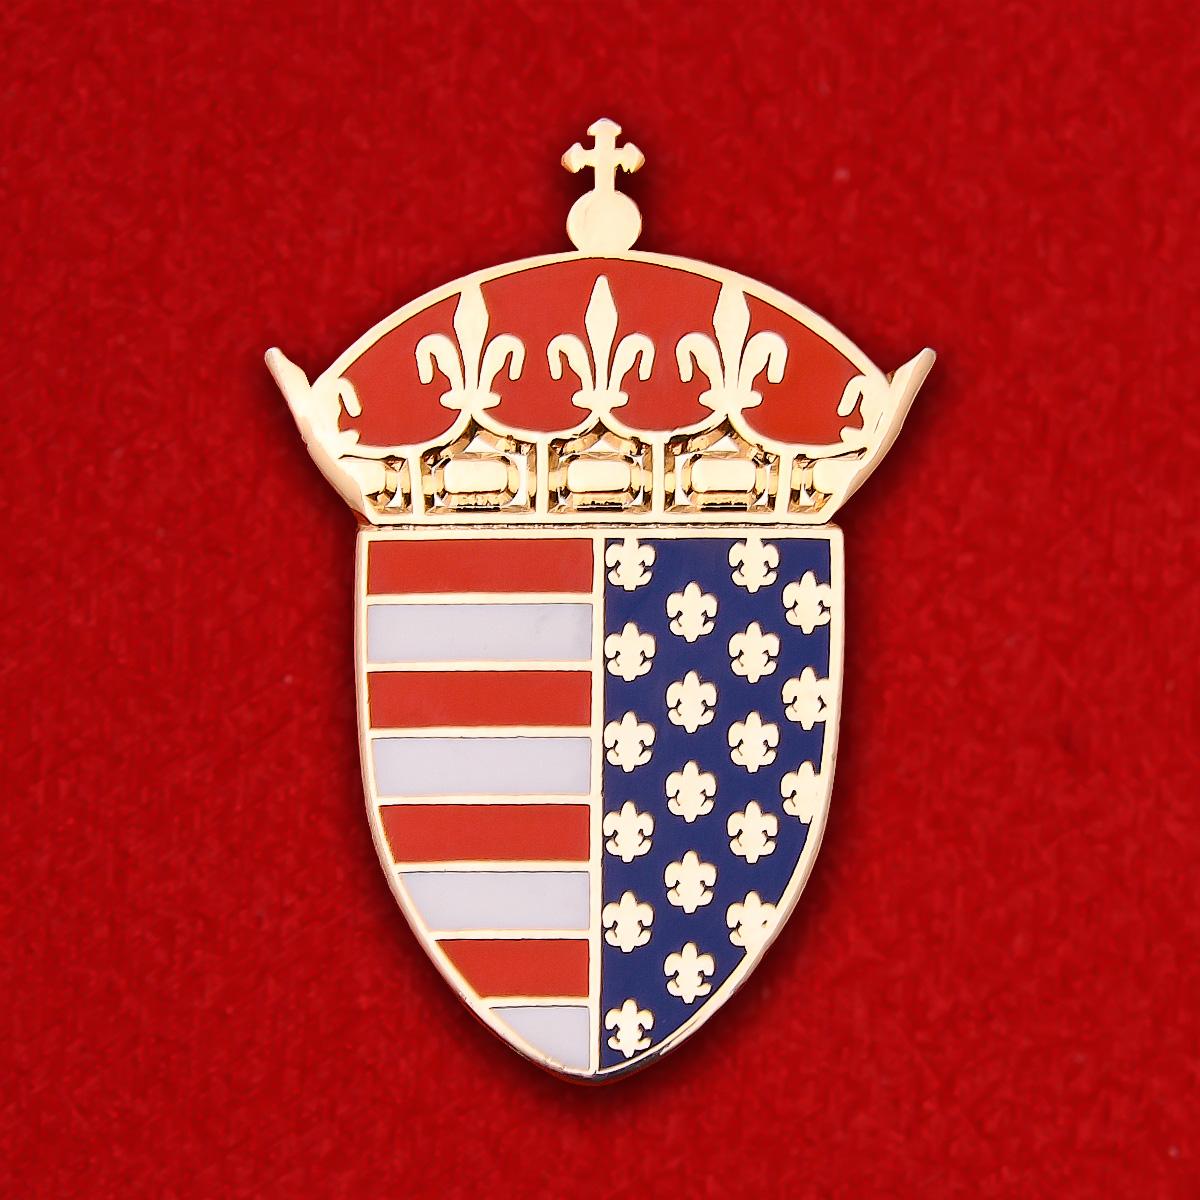 Значок исторического герба округа Бистрица-Нэсэуд в Трансильвании, Румыния